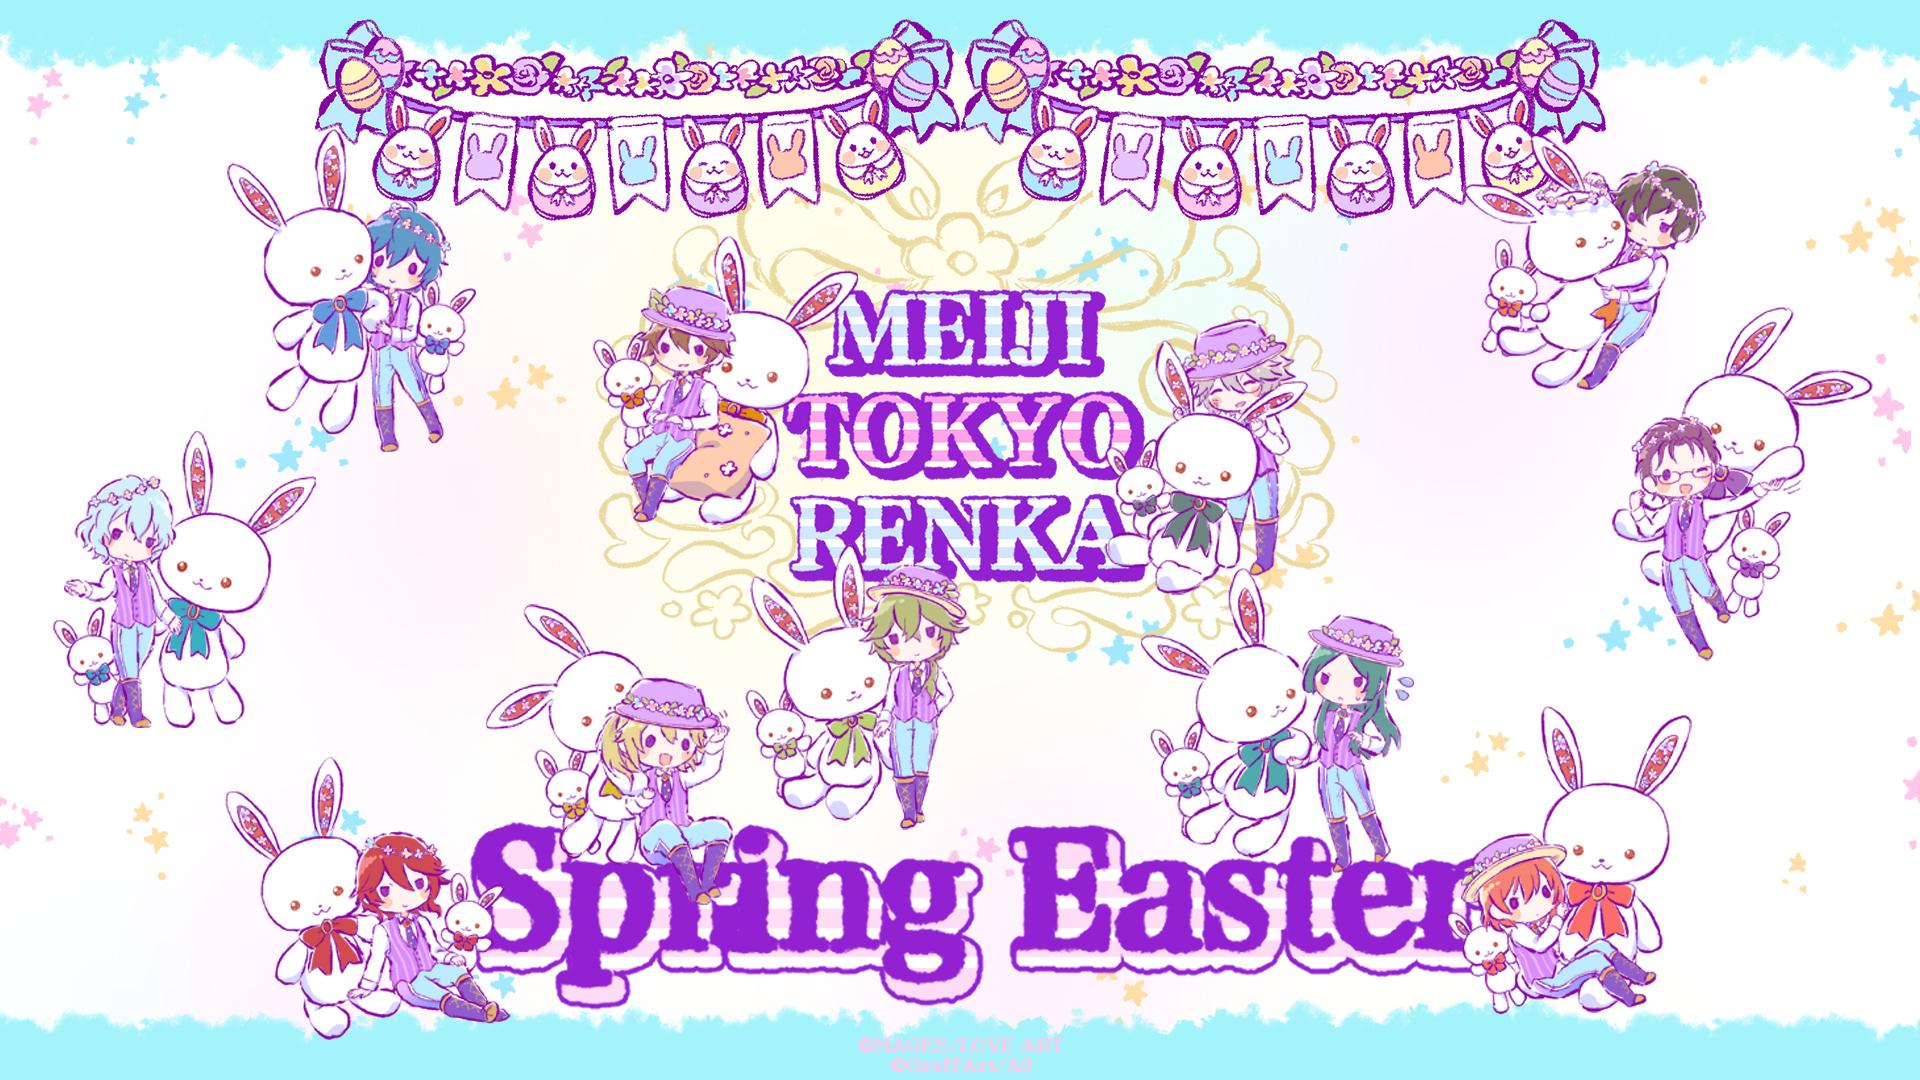 """「明治東亰恋伽」SPグッズ""""Spring Easter""""が発売決定!ゆめかわ世界に包まれる「GraffArt」コラボアイテム"""